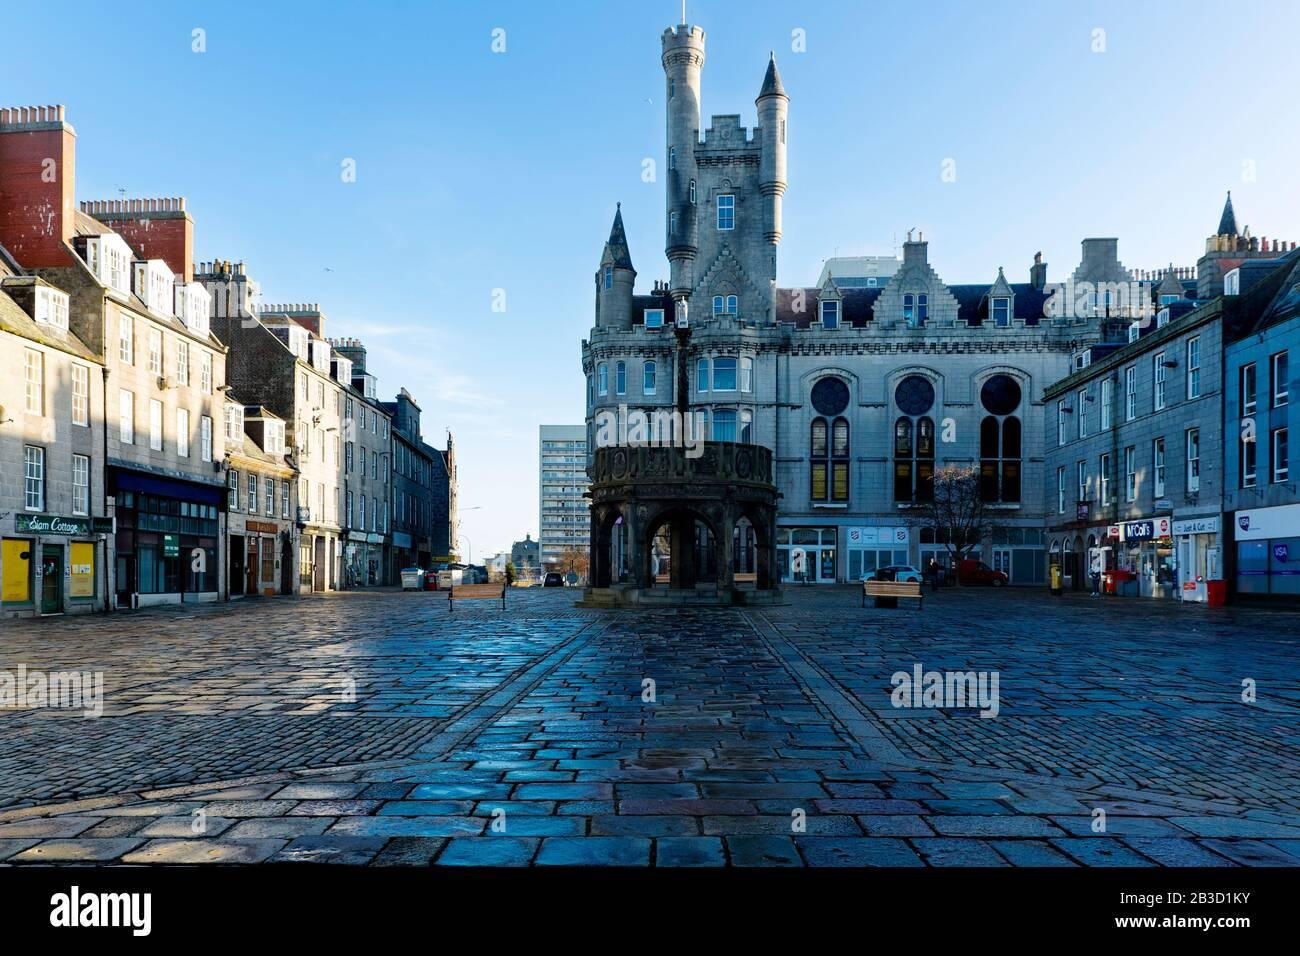 Primera Hora De La Mañana fotografía de la plaza Mercat Cross vacía, Castlegate, Aberdeen, Escocia, la Iglesia del Ejército de Salvación en el fondo Foto de stock